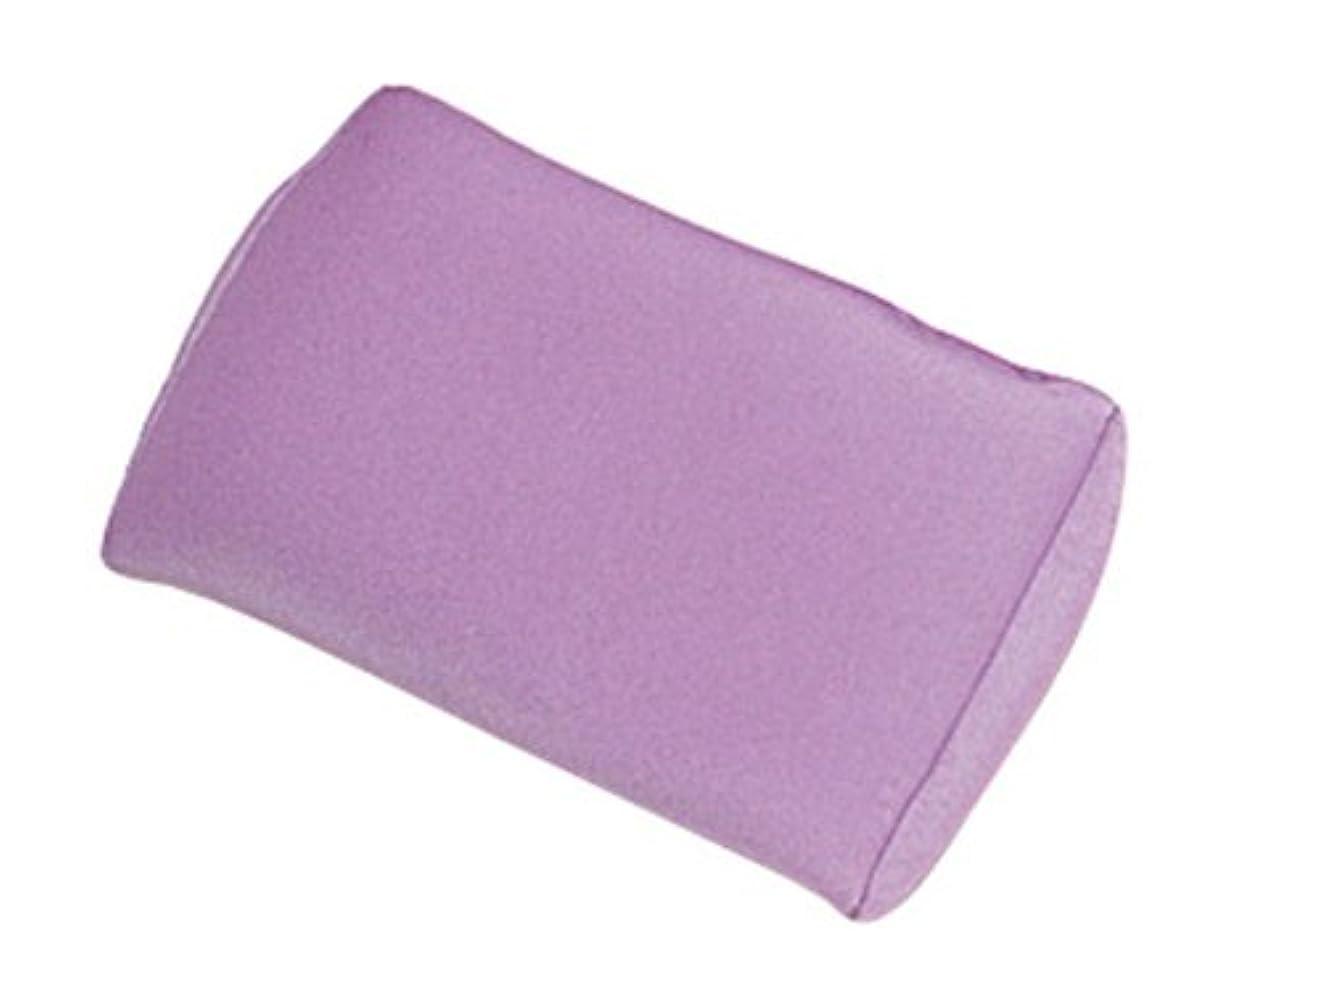 と遊ぶ発表冷笑する豊通オールライフ ベッド 床周り 体位保持 体圧分散 クッション さらさらビーズクッションGR ランバーサポート 25×35cm 丸洗い可